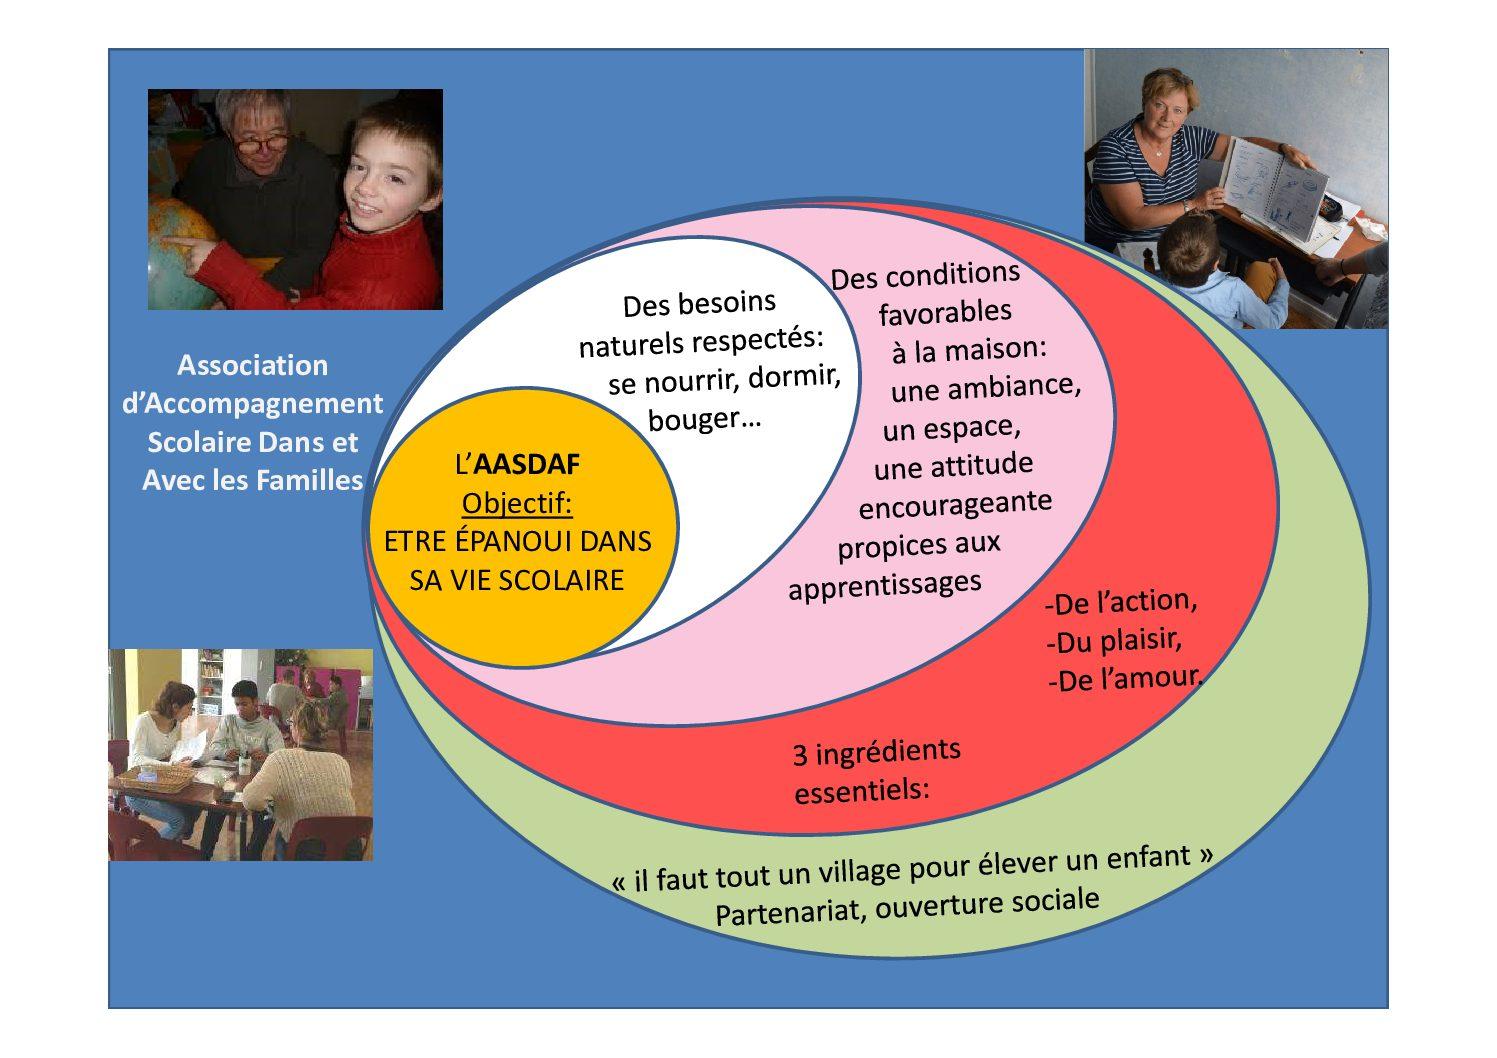 AASDAF – Association d'Accompagnement Scolaire Dans et Avec les Familles